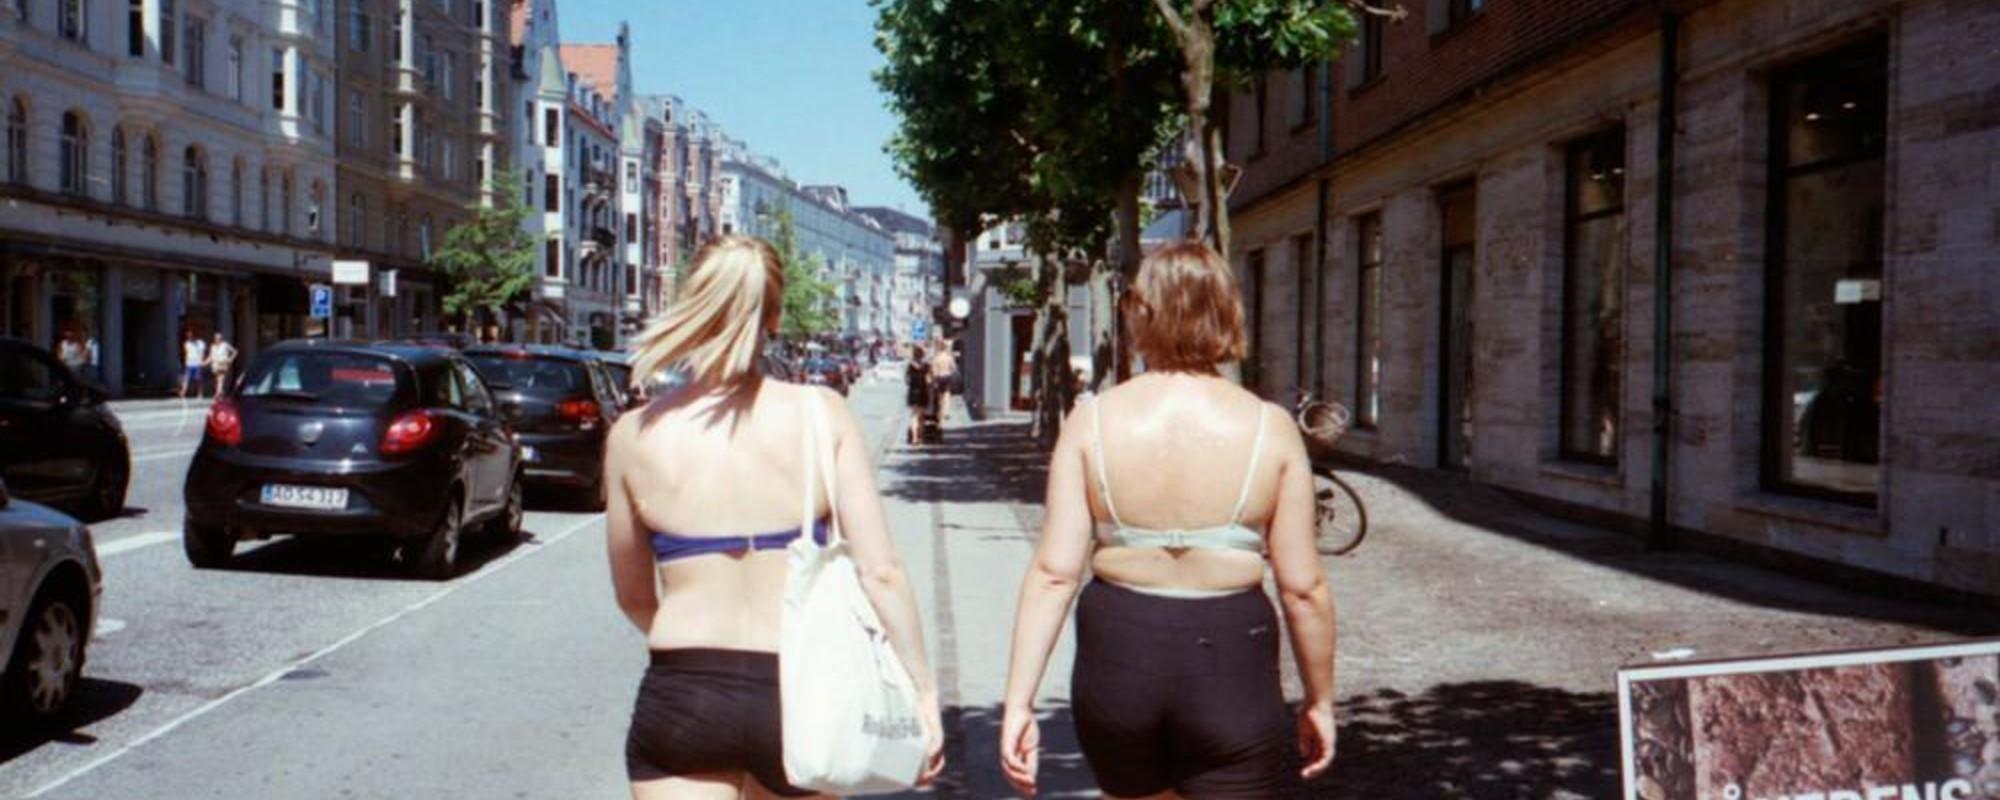 Fotografii cu danezi transpirați în ultimele zile de vară